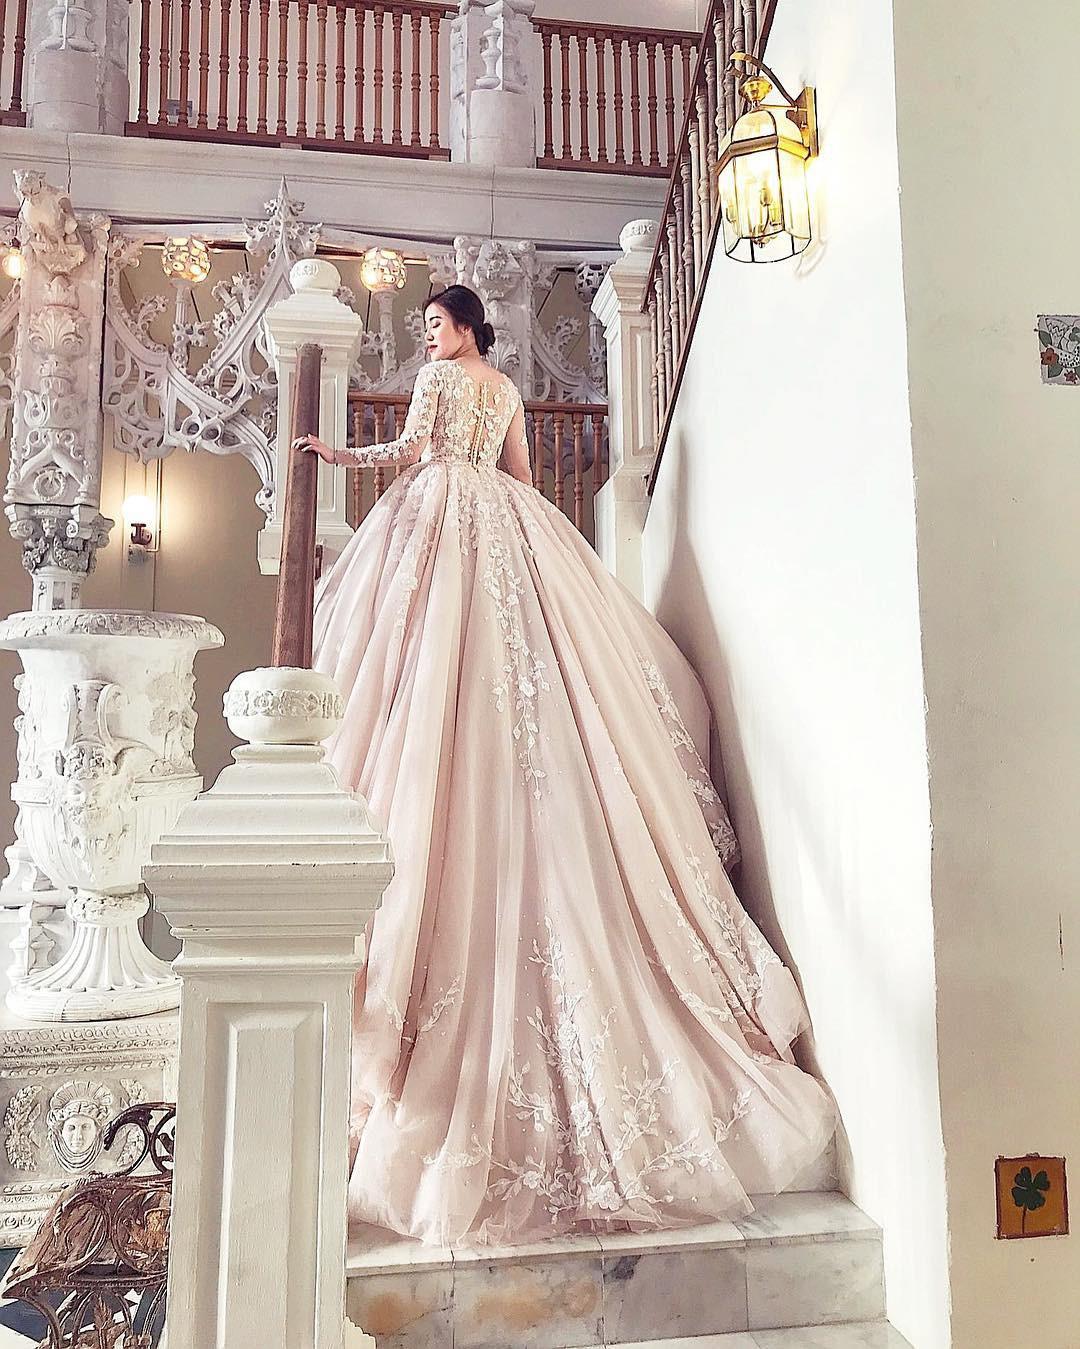 Một gương mặt đình đám của hội con nhà giàu Việt vừa hé lộ ảnh cưới đẹp như mơ ở Thái Lan - Ảnh 1.